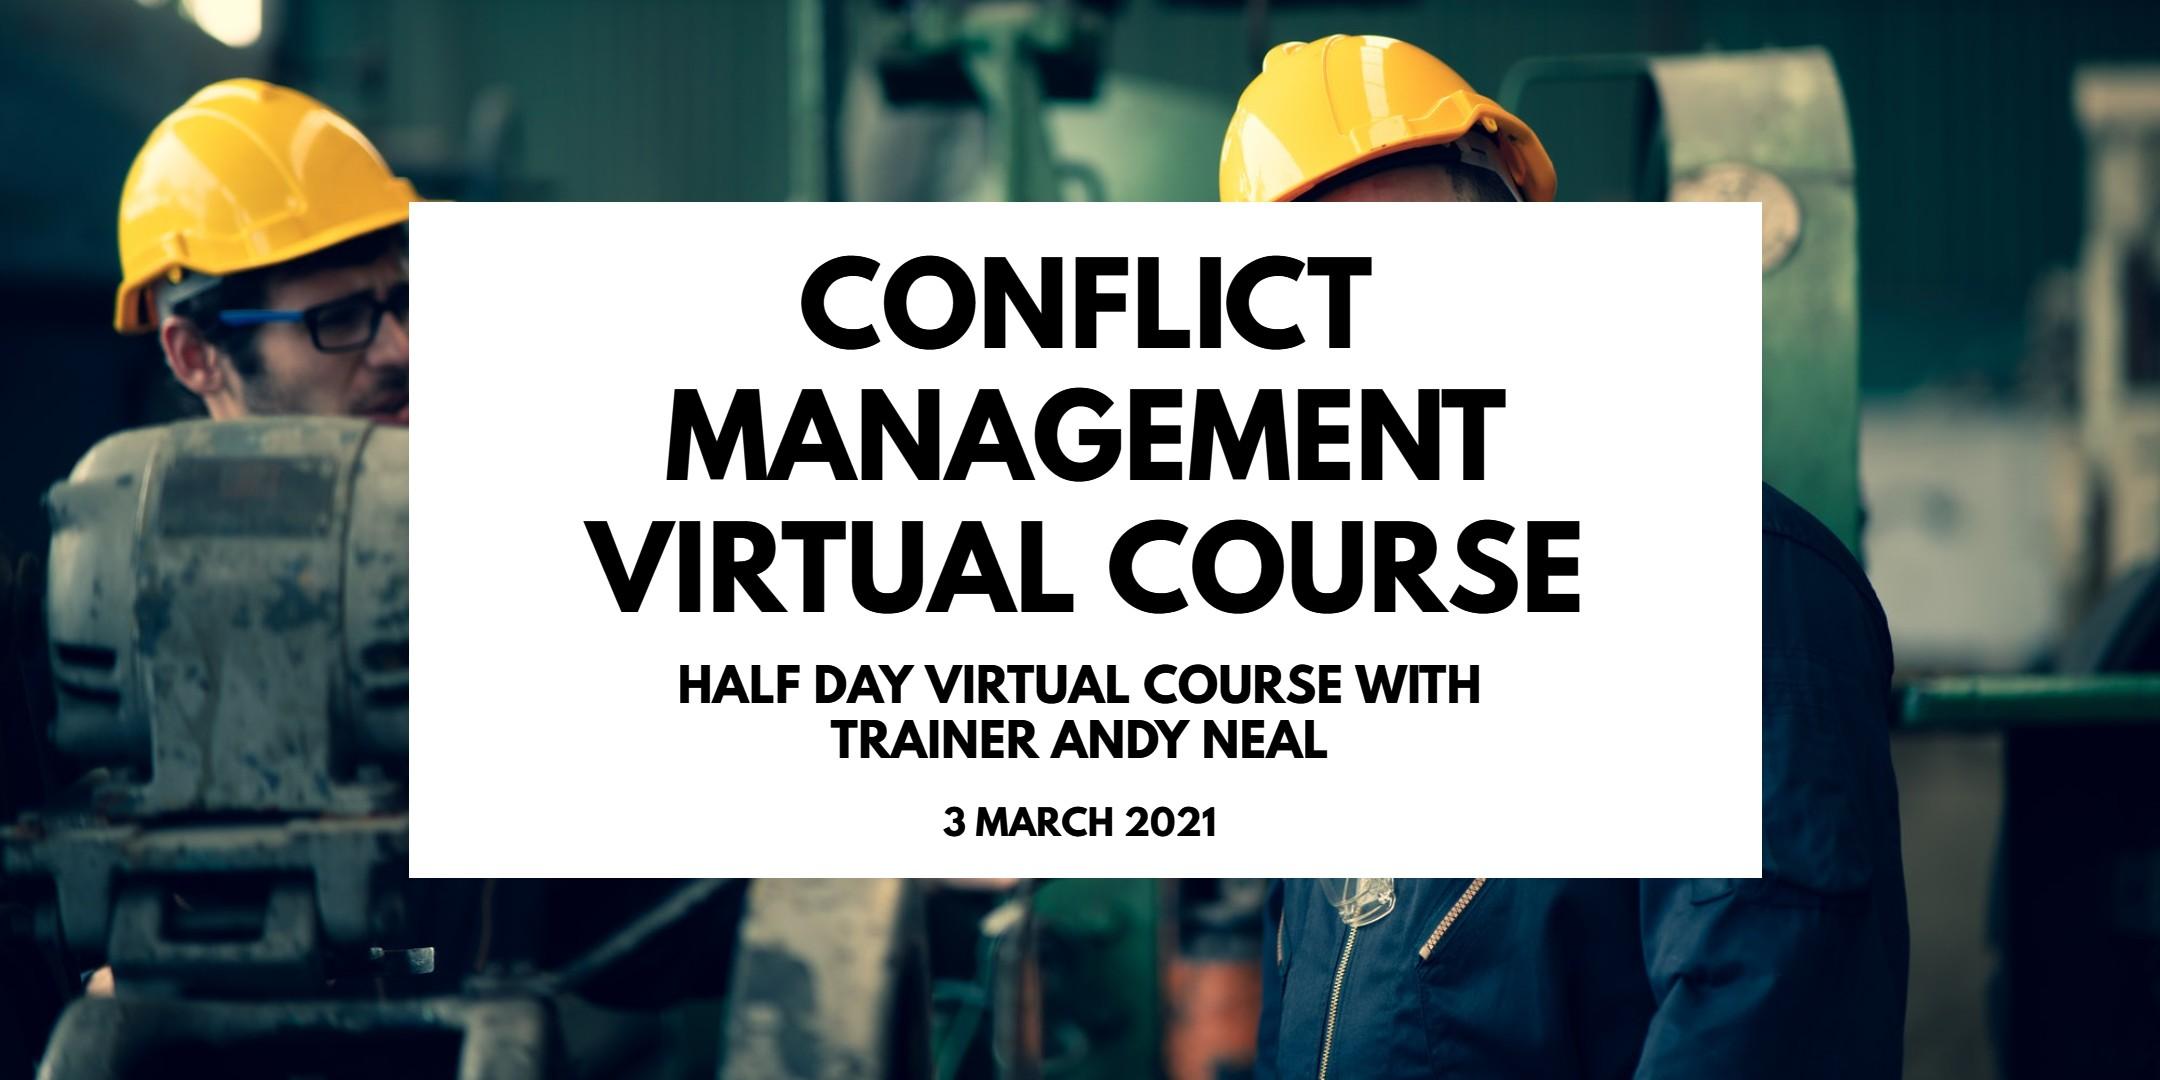 Conflict Management Virtual Course